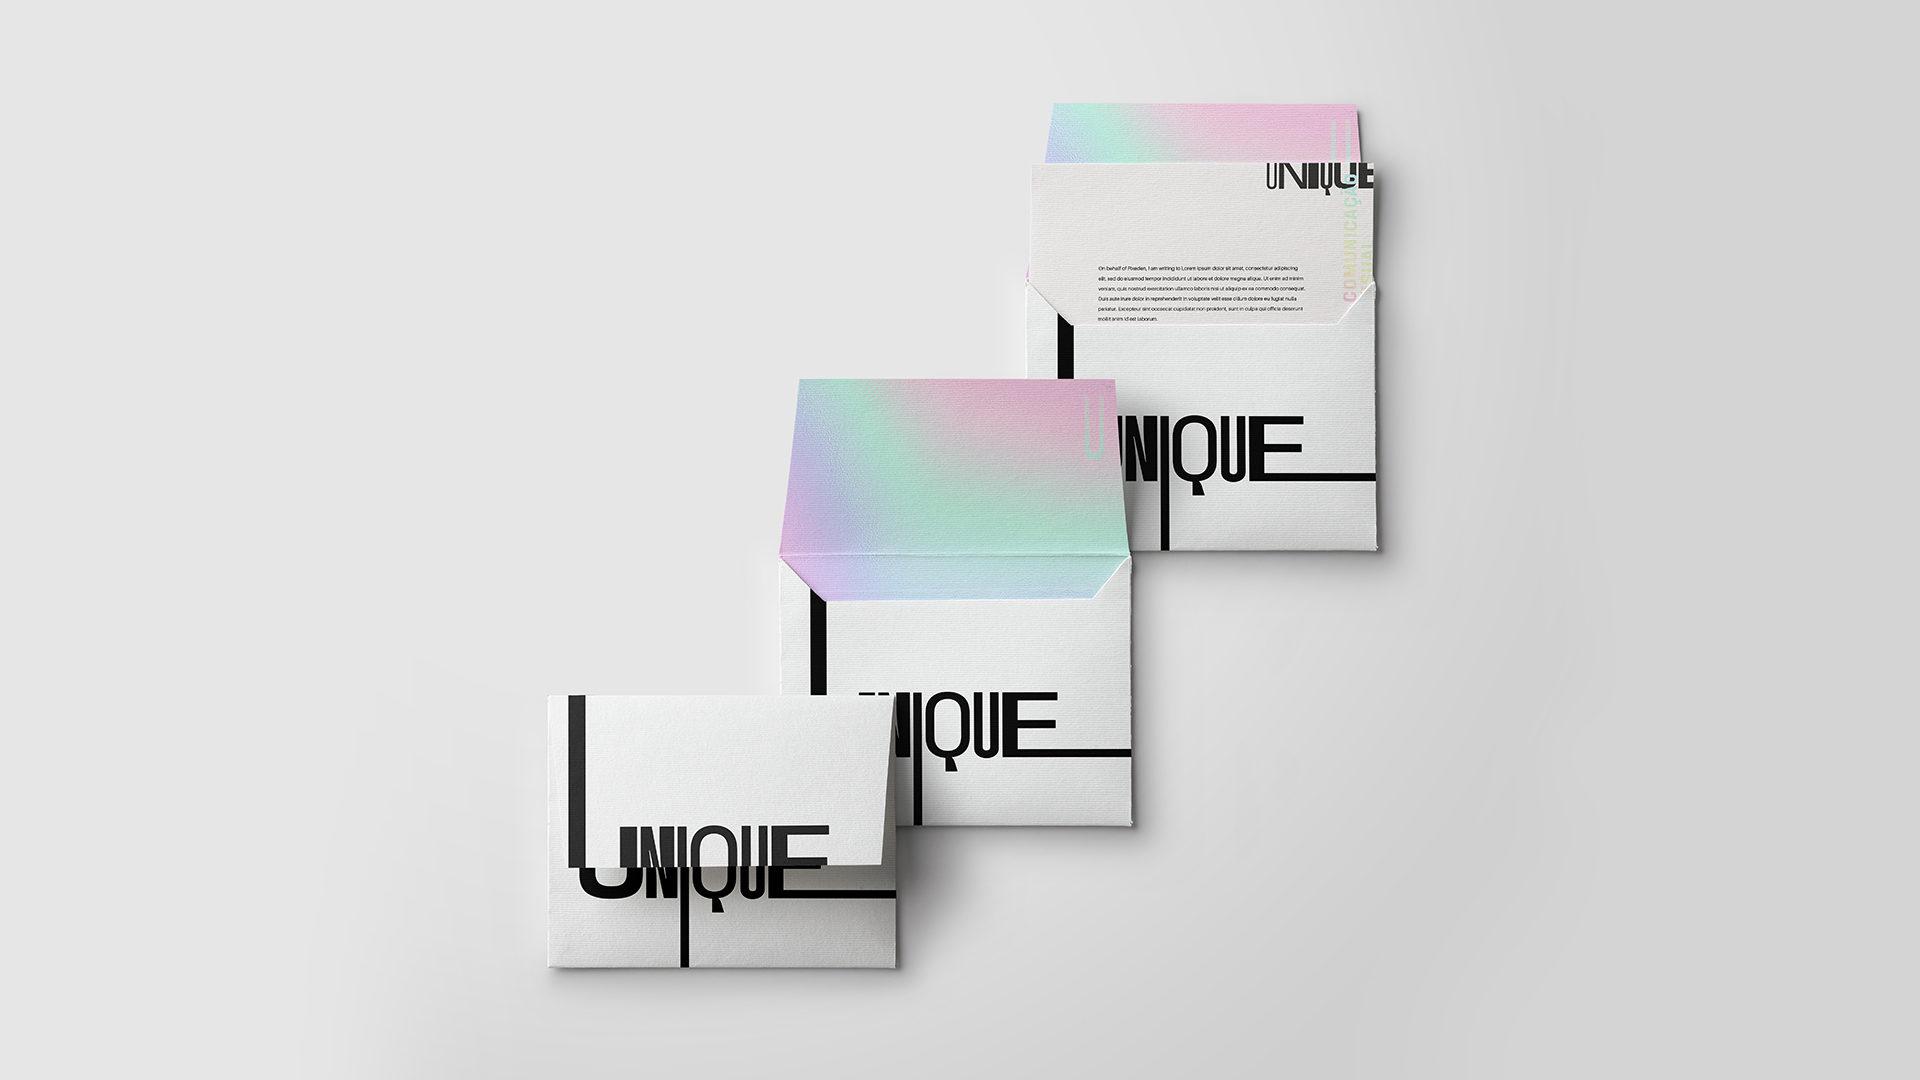 Projetos / Unique Comunicacao 8